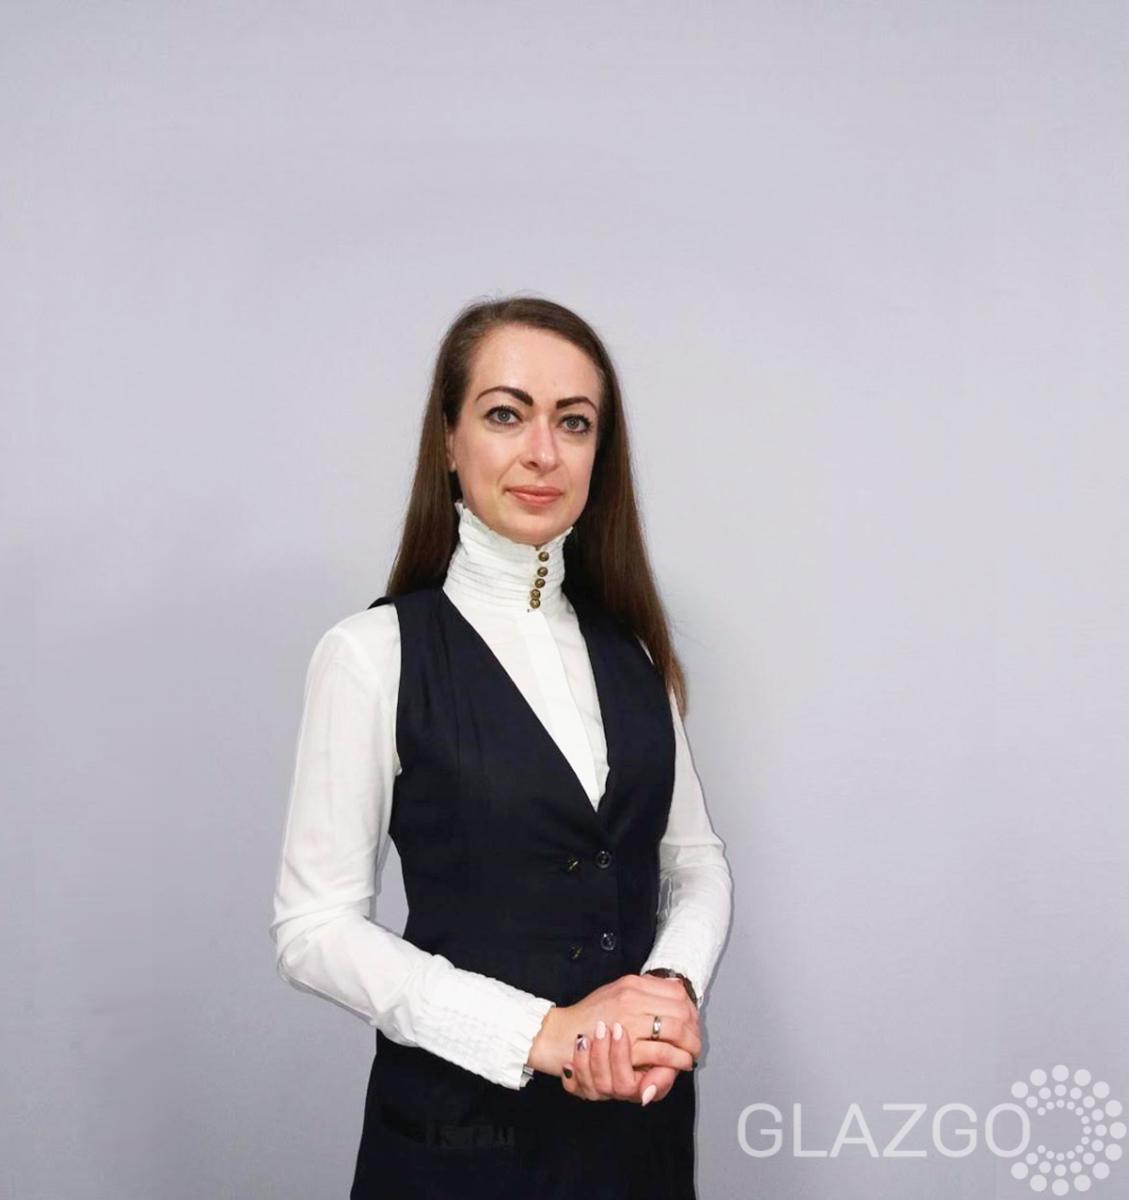 https://glazgo.com.ua/wp-content/uploads/2018/03/medvedeva3.png